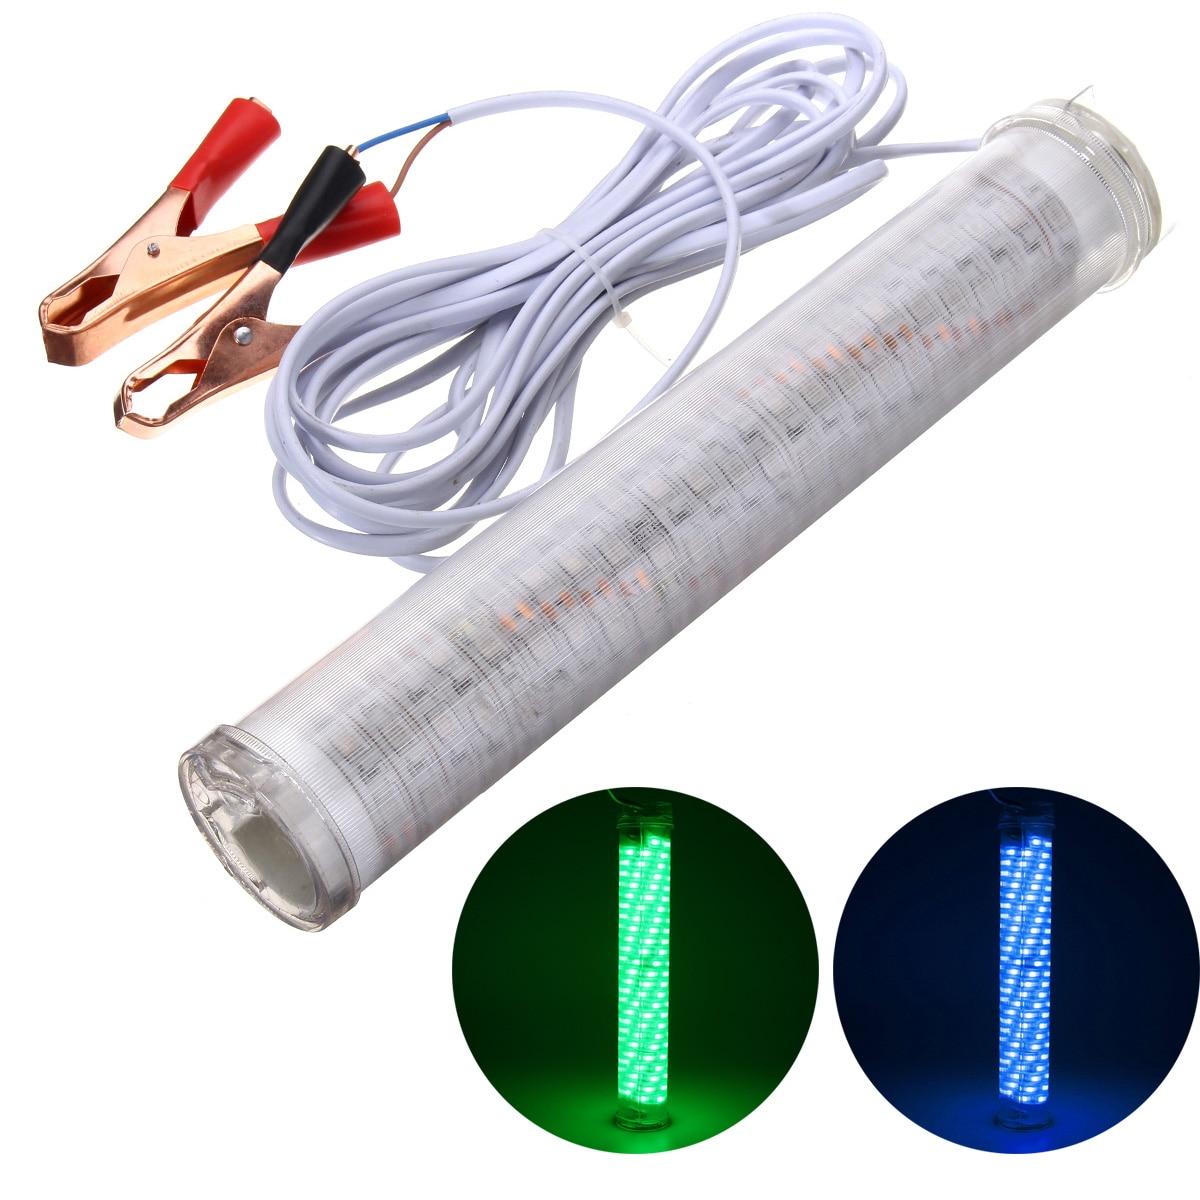 12 V 30 Watt LED Grün/Blau Unterwasser Tauch Wasserdicht Angeln Licht 2400LM Boot Squid Fische Lampe